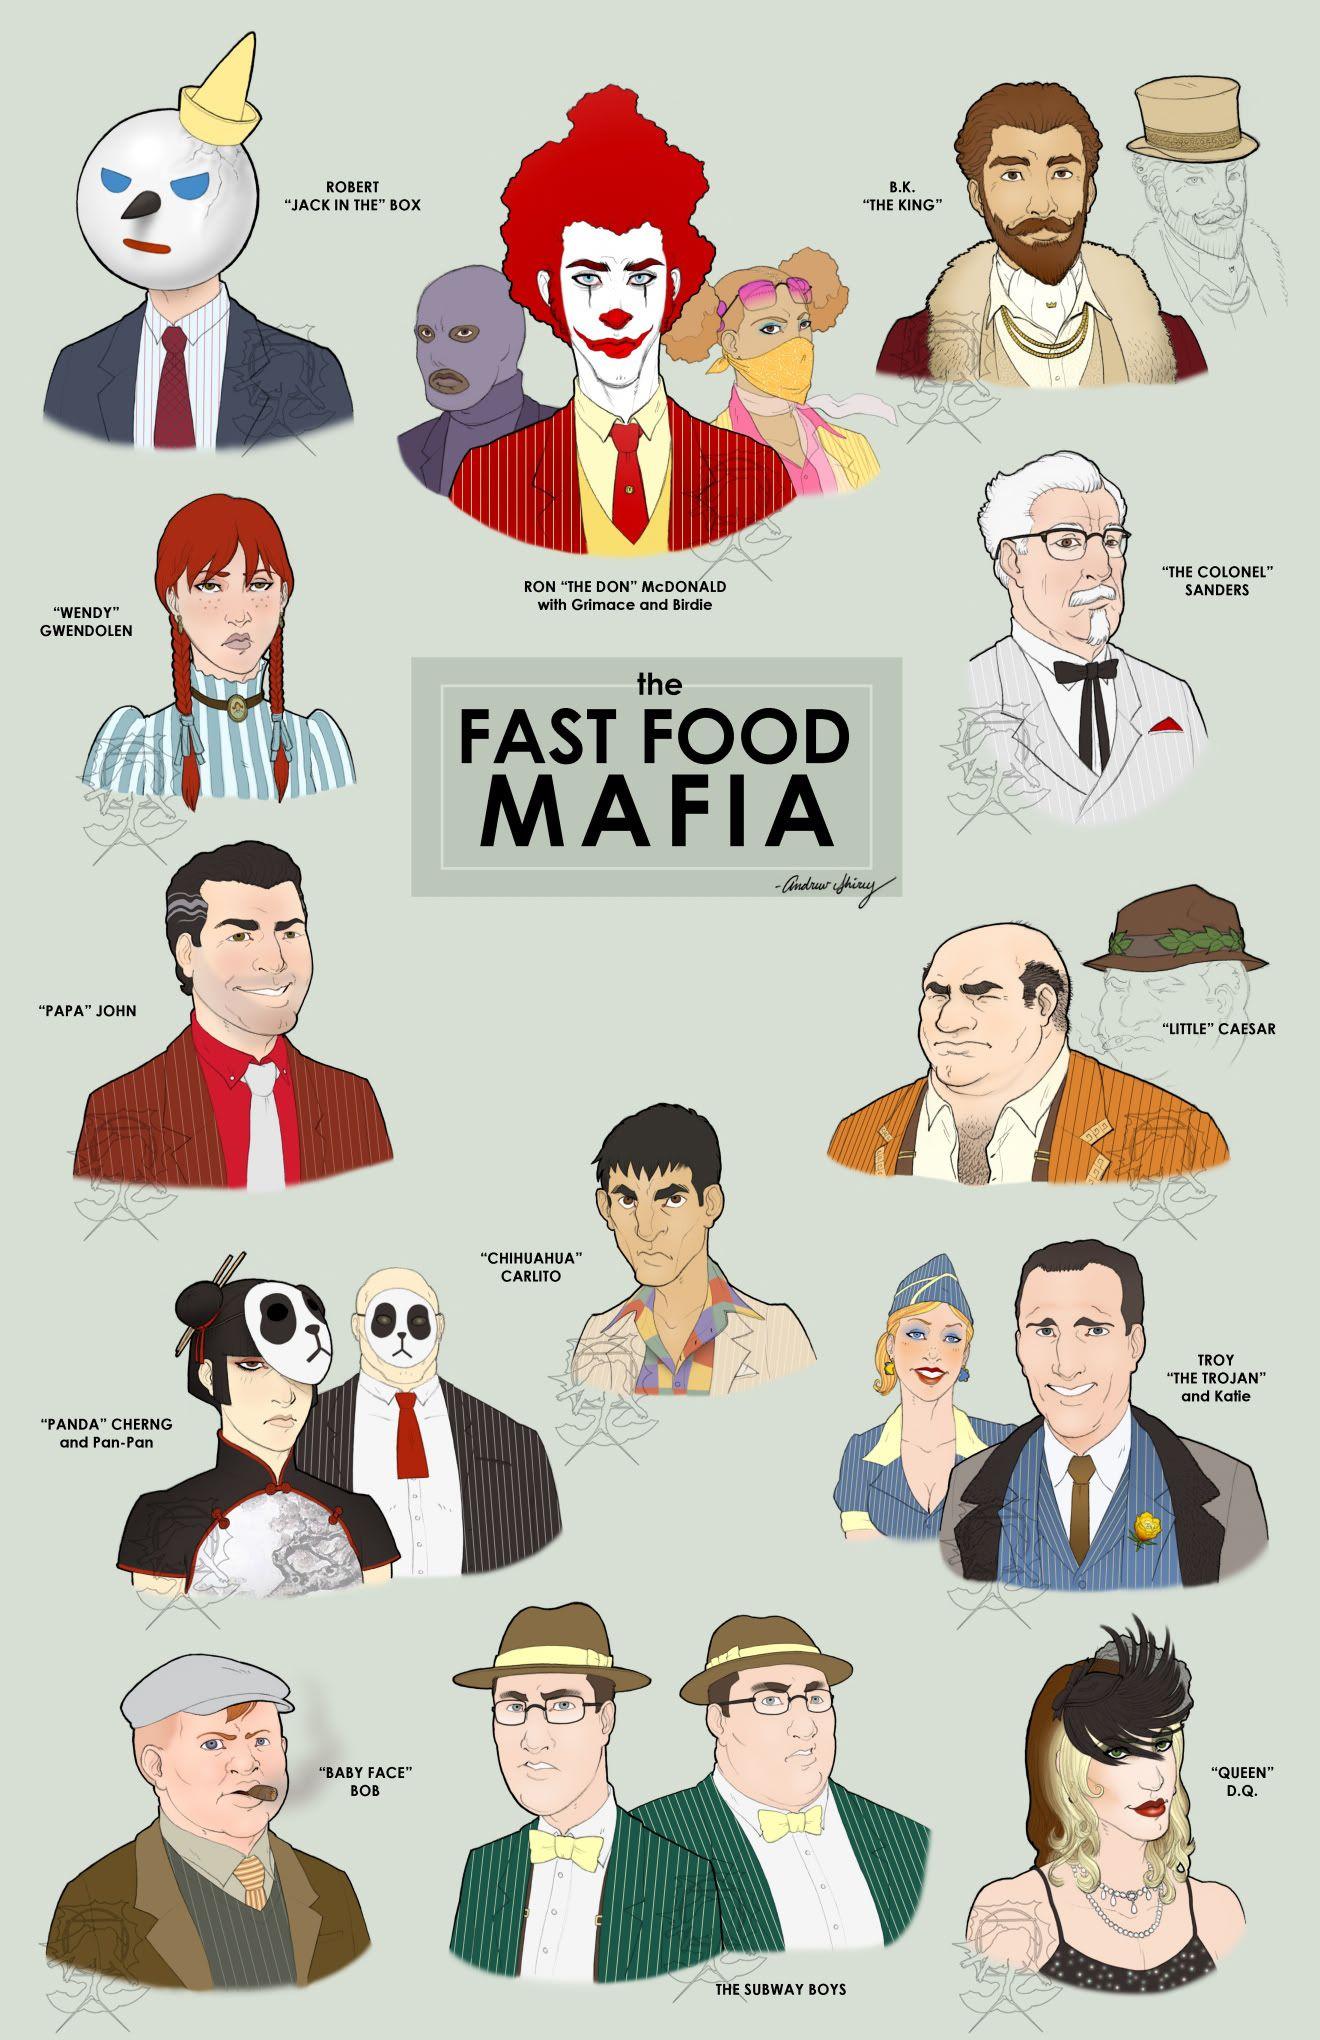 Resultado de imagem para images of fast food mafia